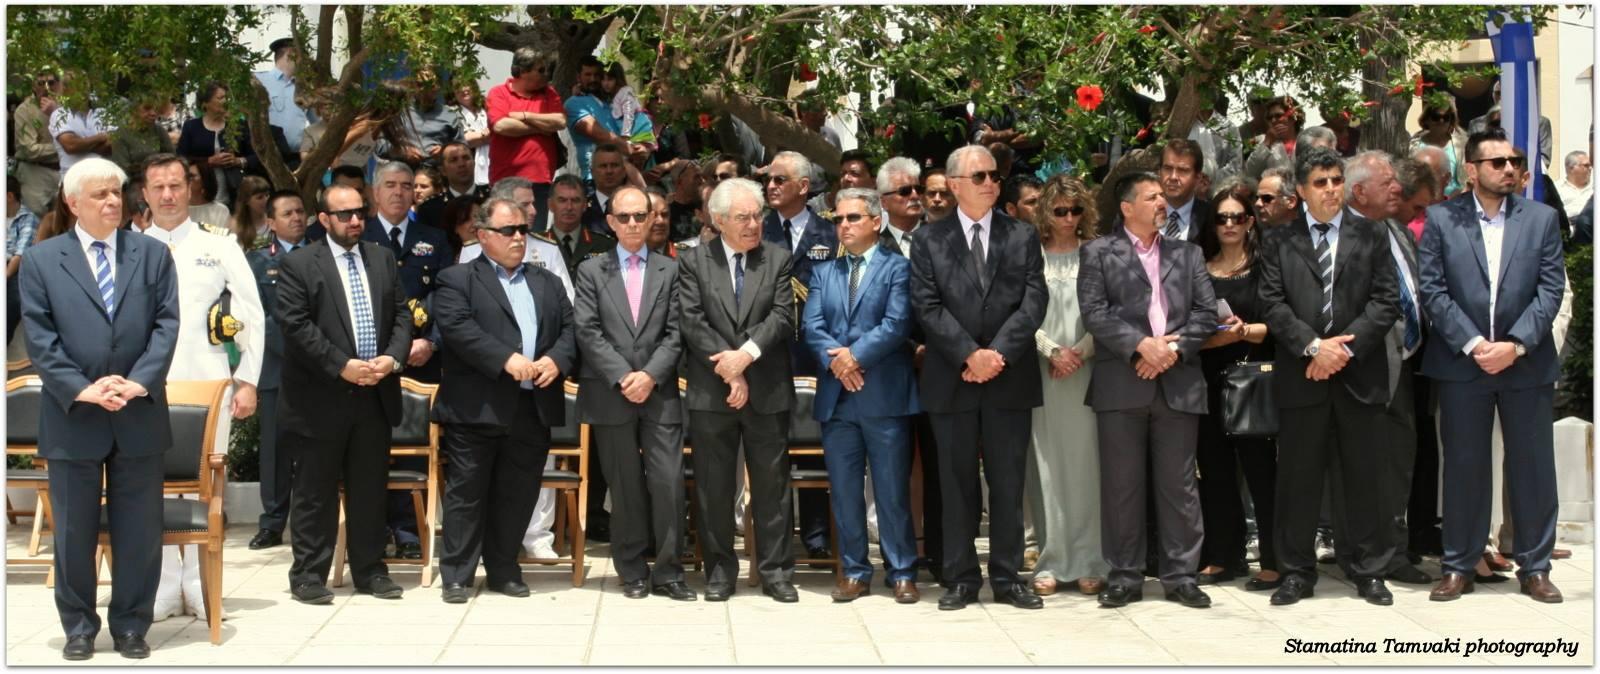 De president staat geheel links met naast hem de burgemeester van Kythira.